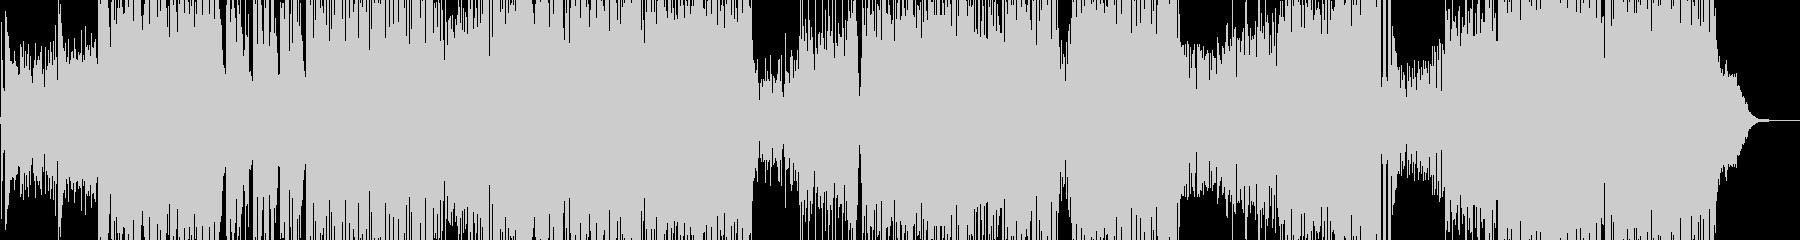 夏を彩るミックスポップ ピアノソロ有C+の未再生の波形